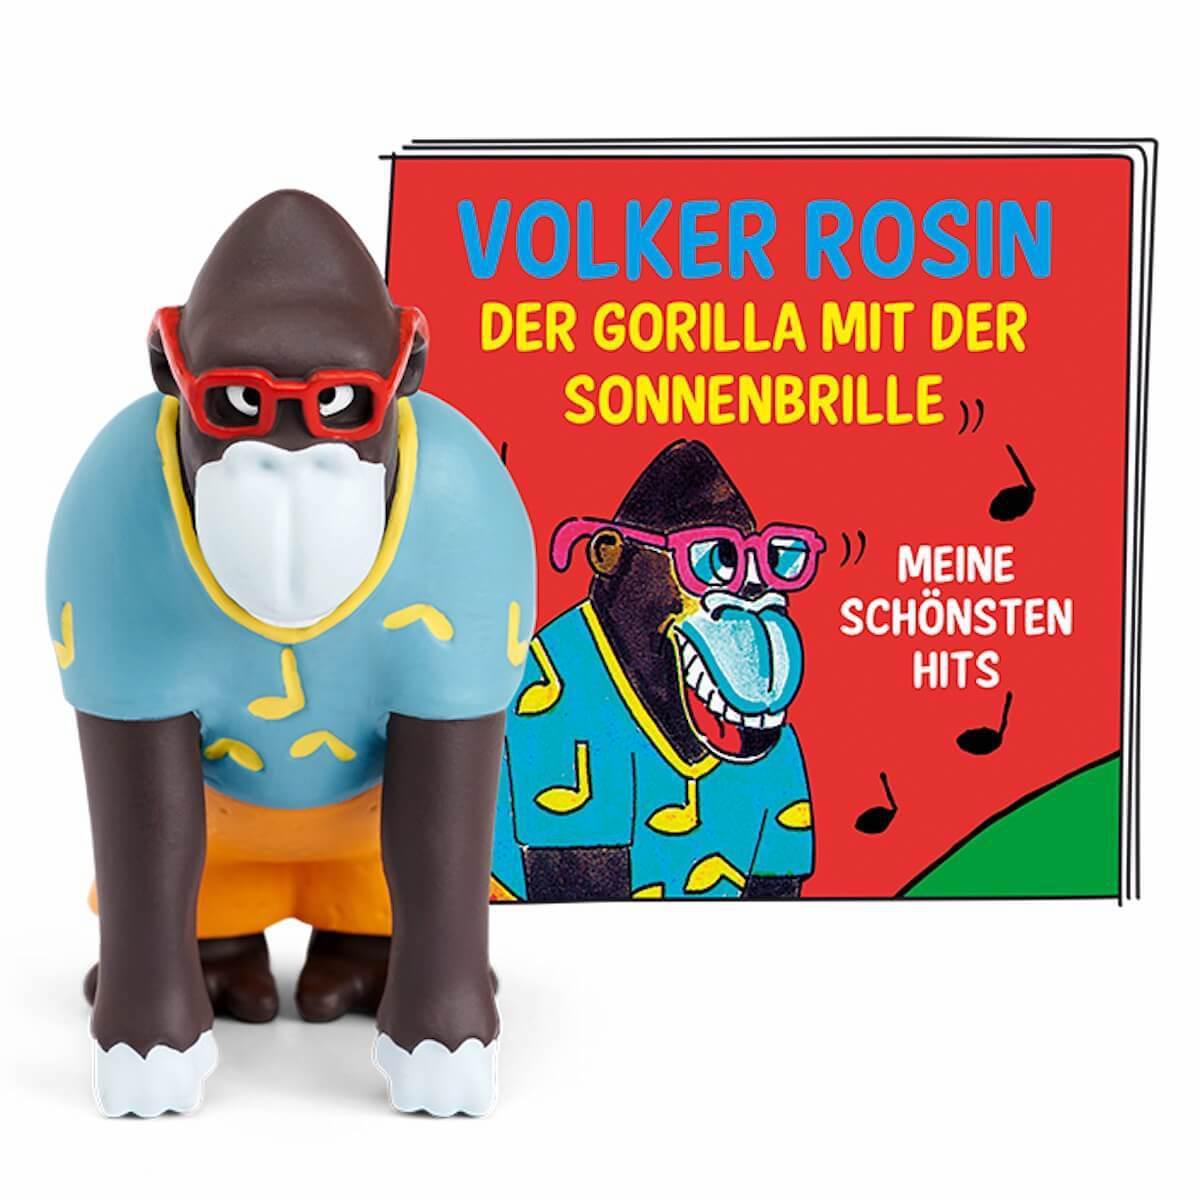 Hörspielfigur TONIES Volker Rosin Der Gorilla mit der Sonnenbrille